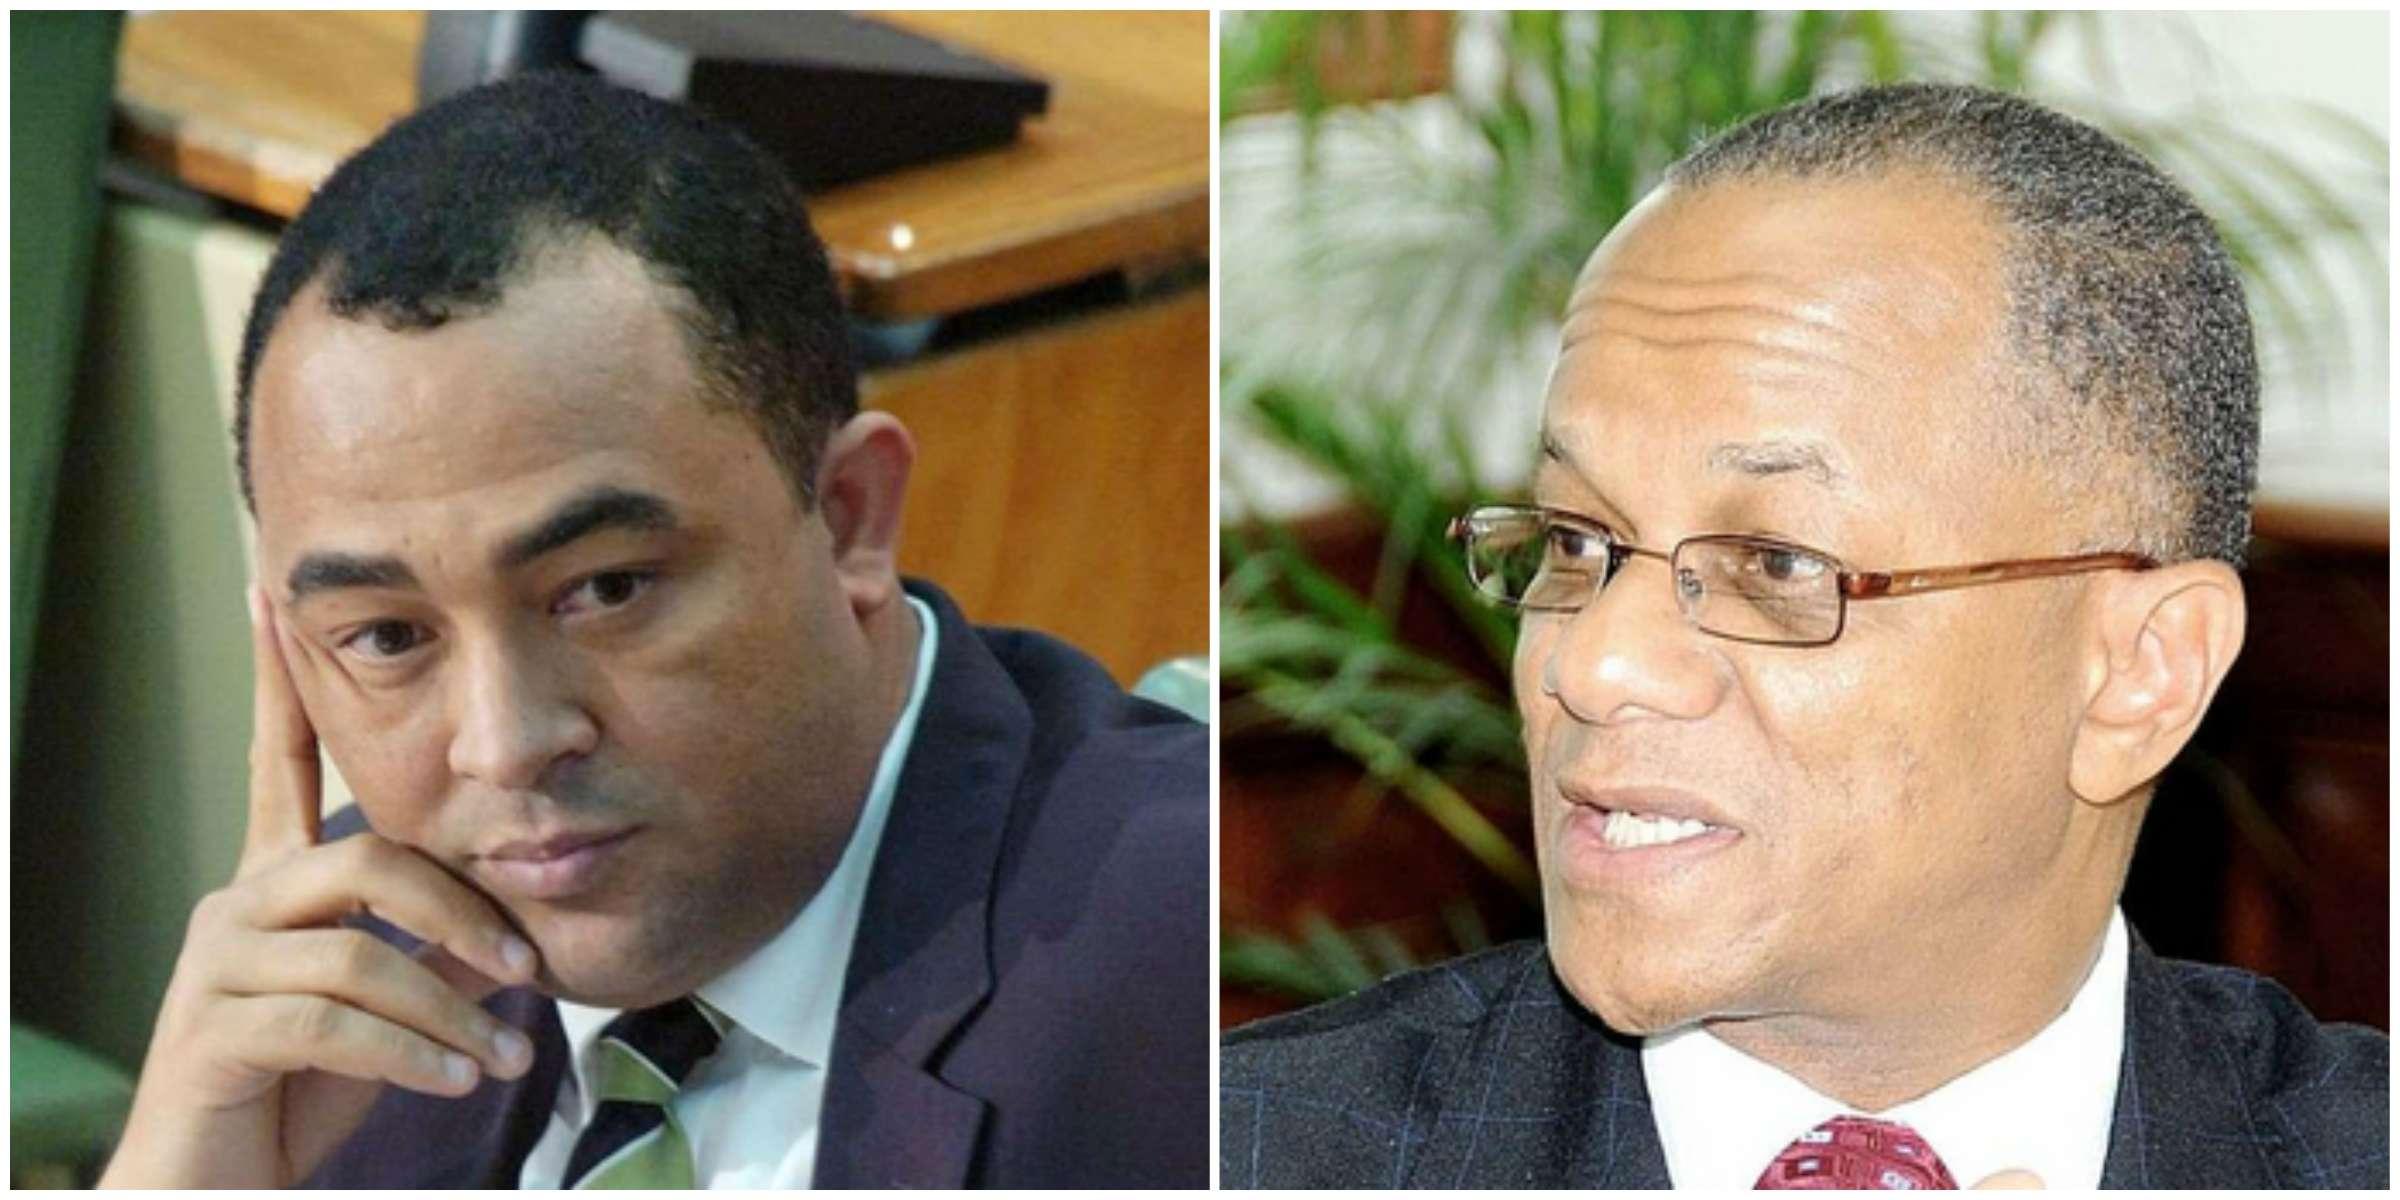 Tufton & Williams Still Senators In Light of Court Ruling?